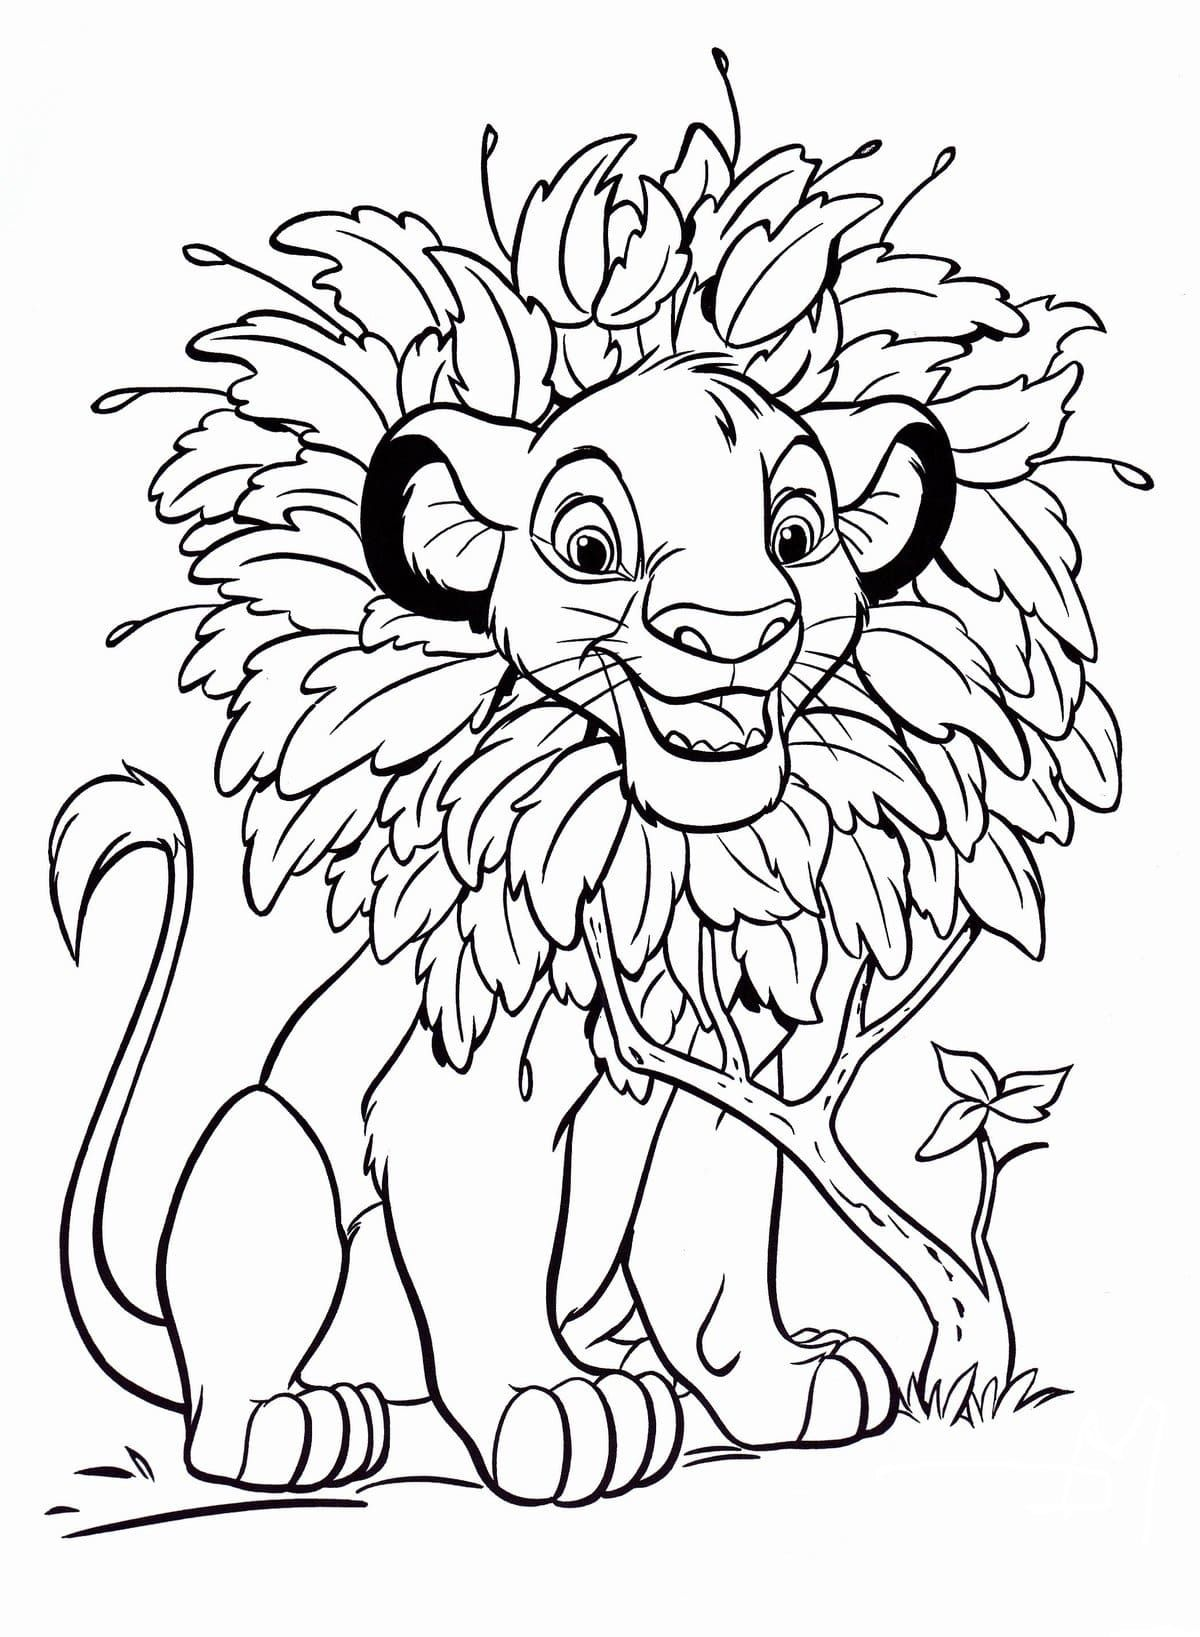 61 Malvorlage König Der Löwen - Malvorlagen für Kinder zum